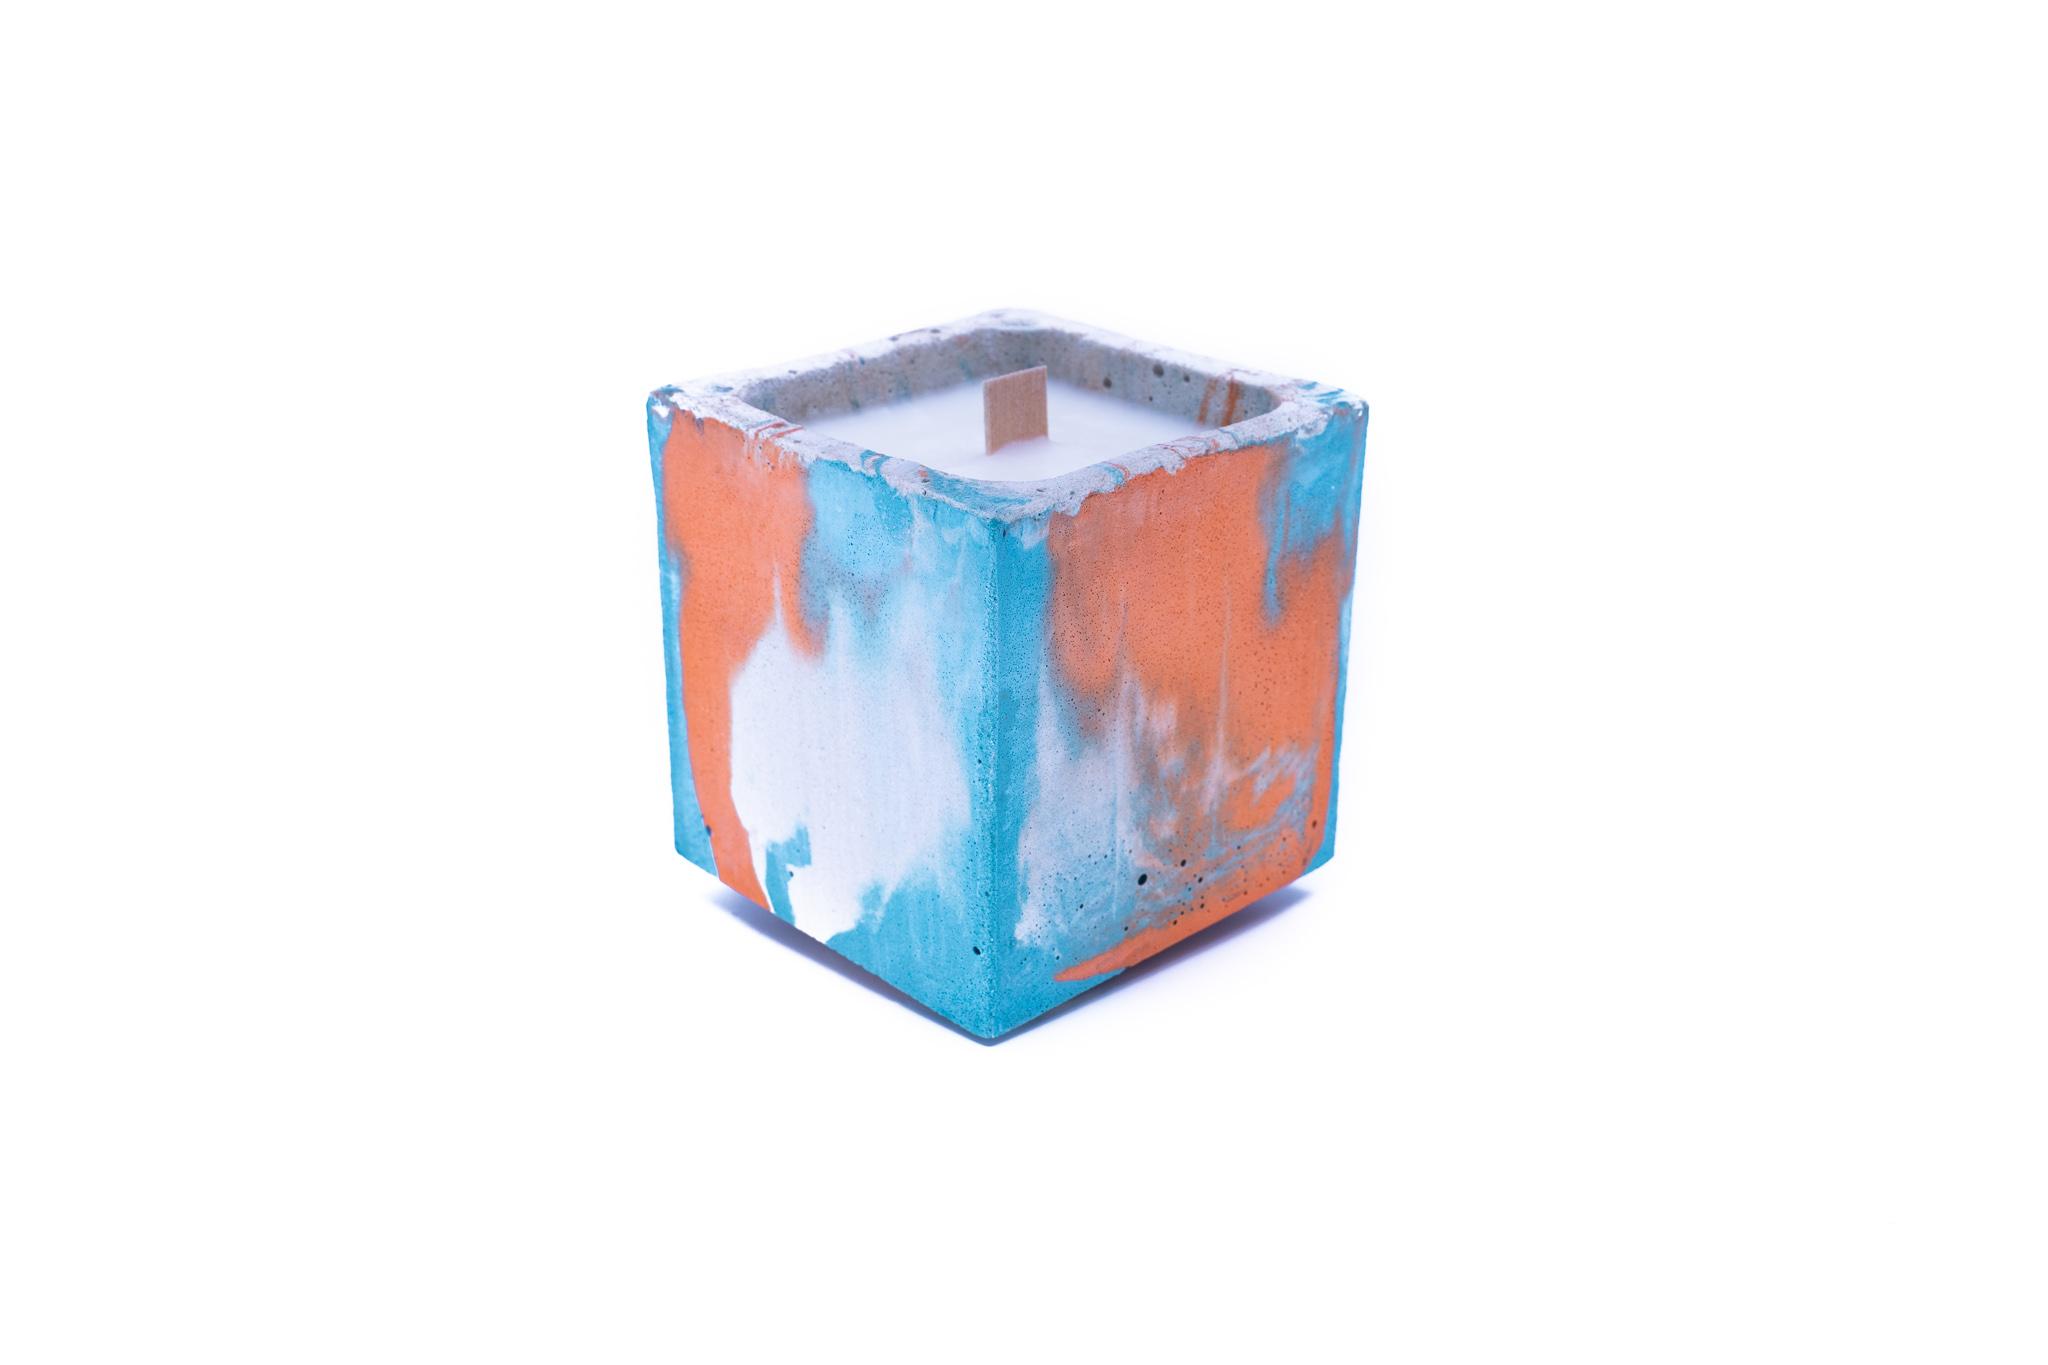 Bougie béton coloré marbré turquoise et orange fleur oranger